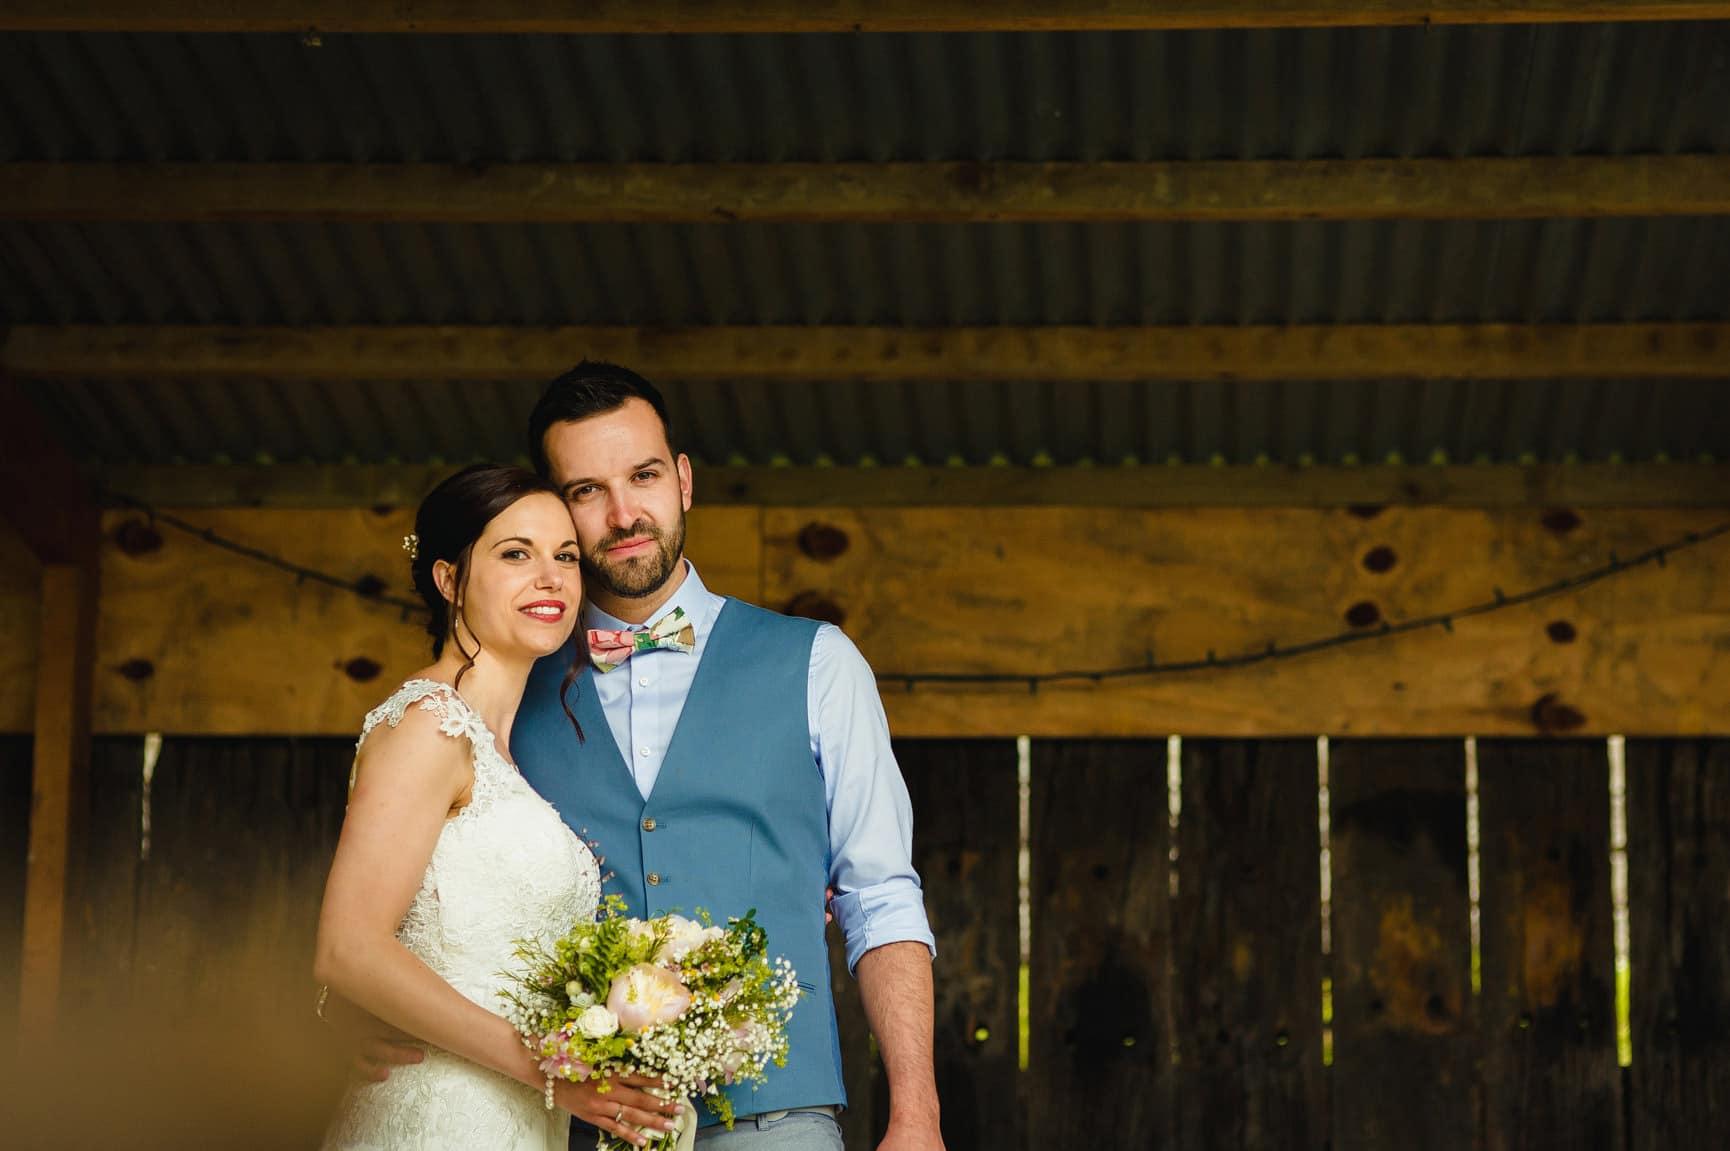 Fforest Wedding, Cardigan, Wales - Lauren and Gareth 151